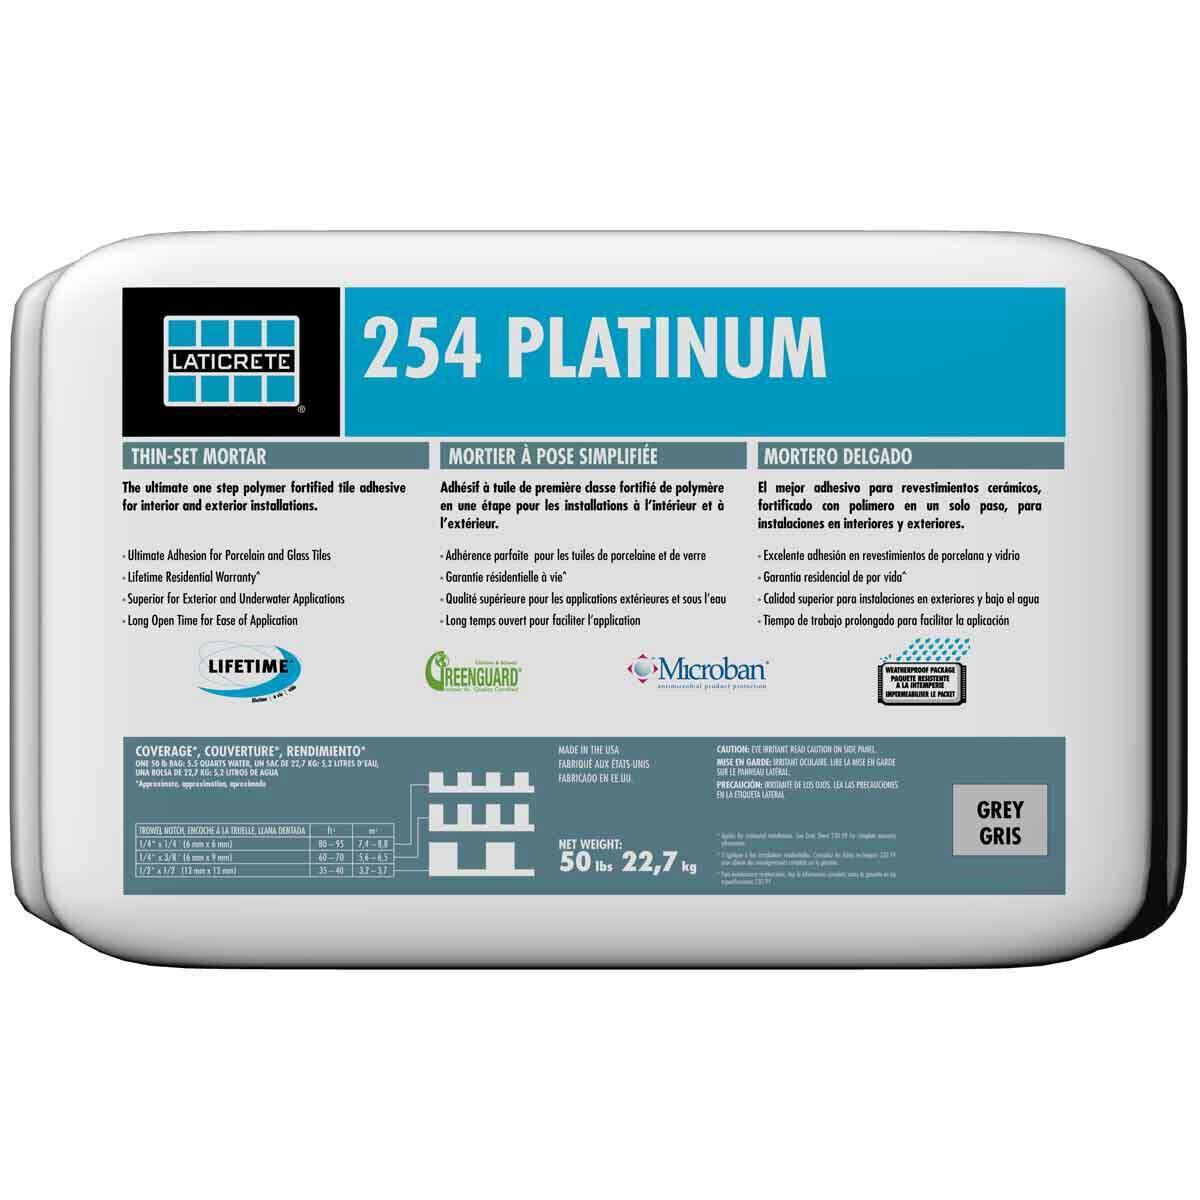 Laticrete 254 Platinum mortar